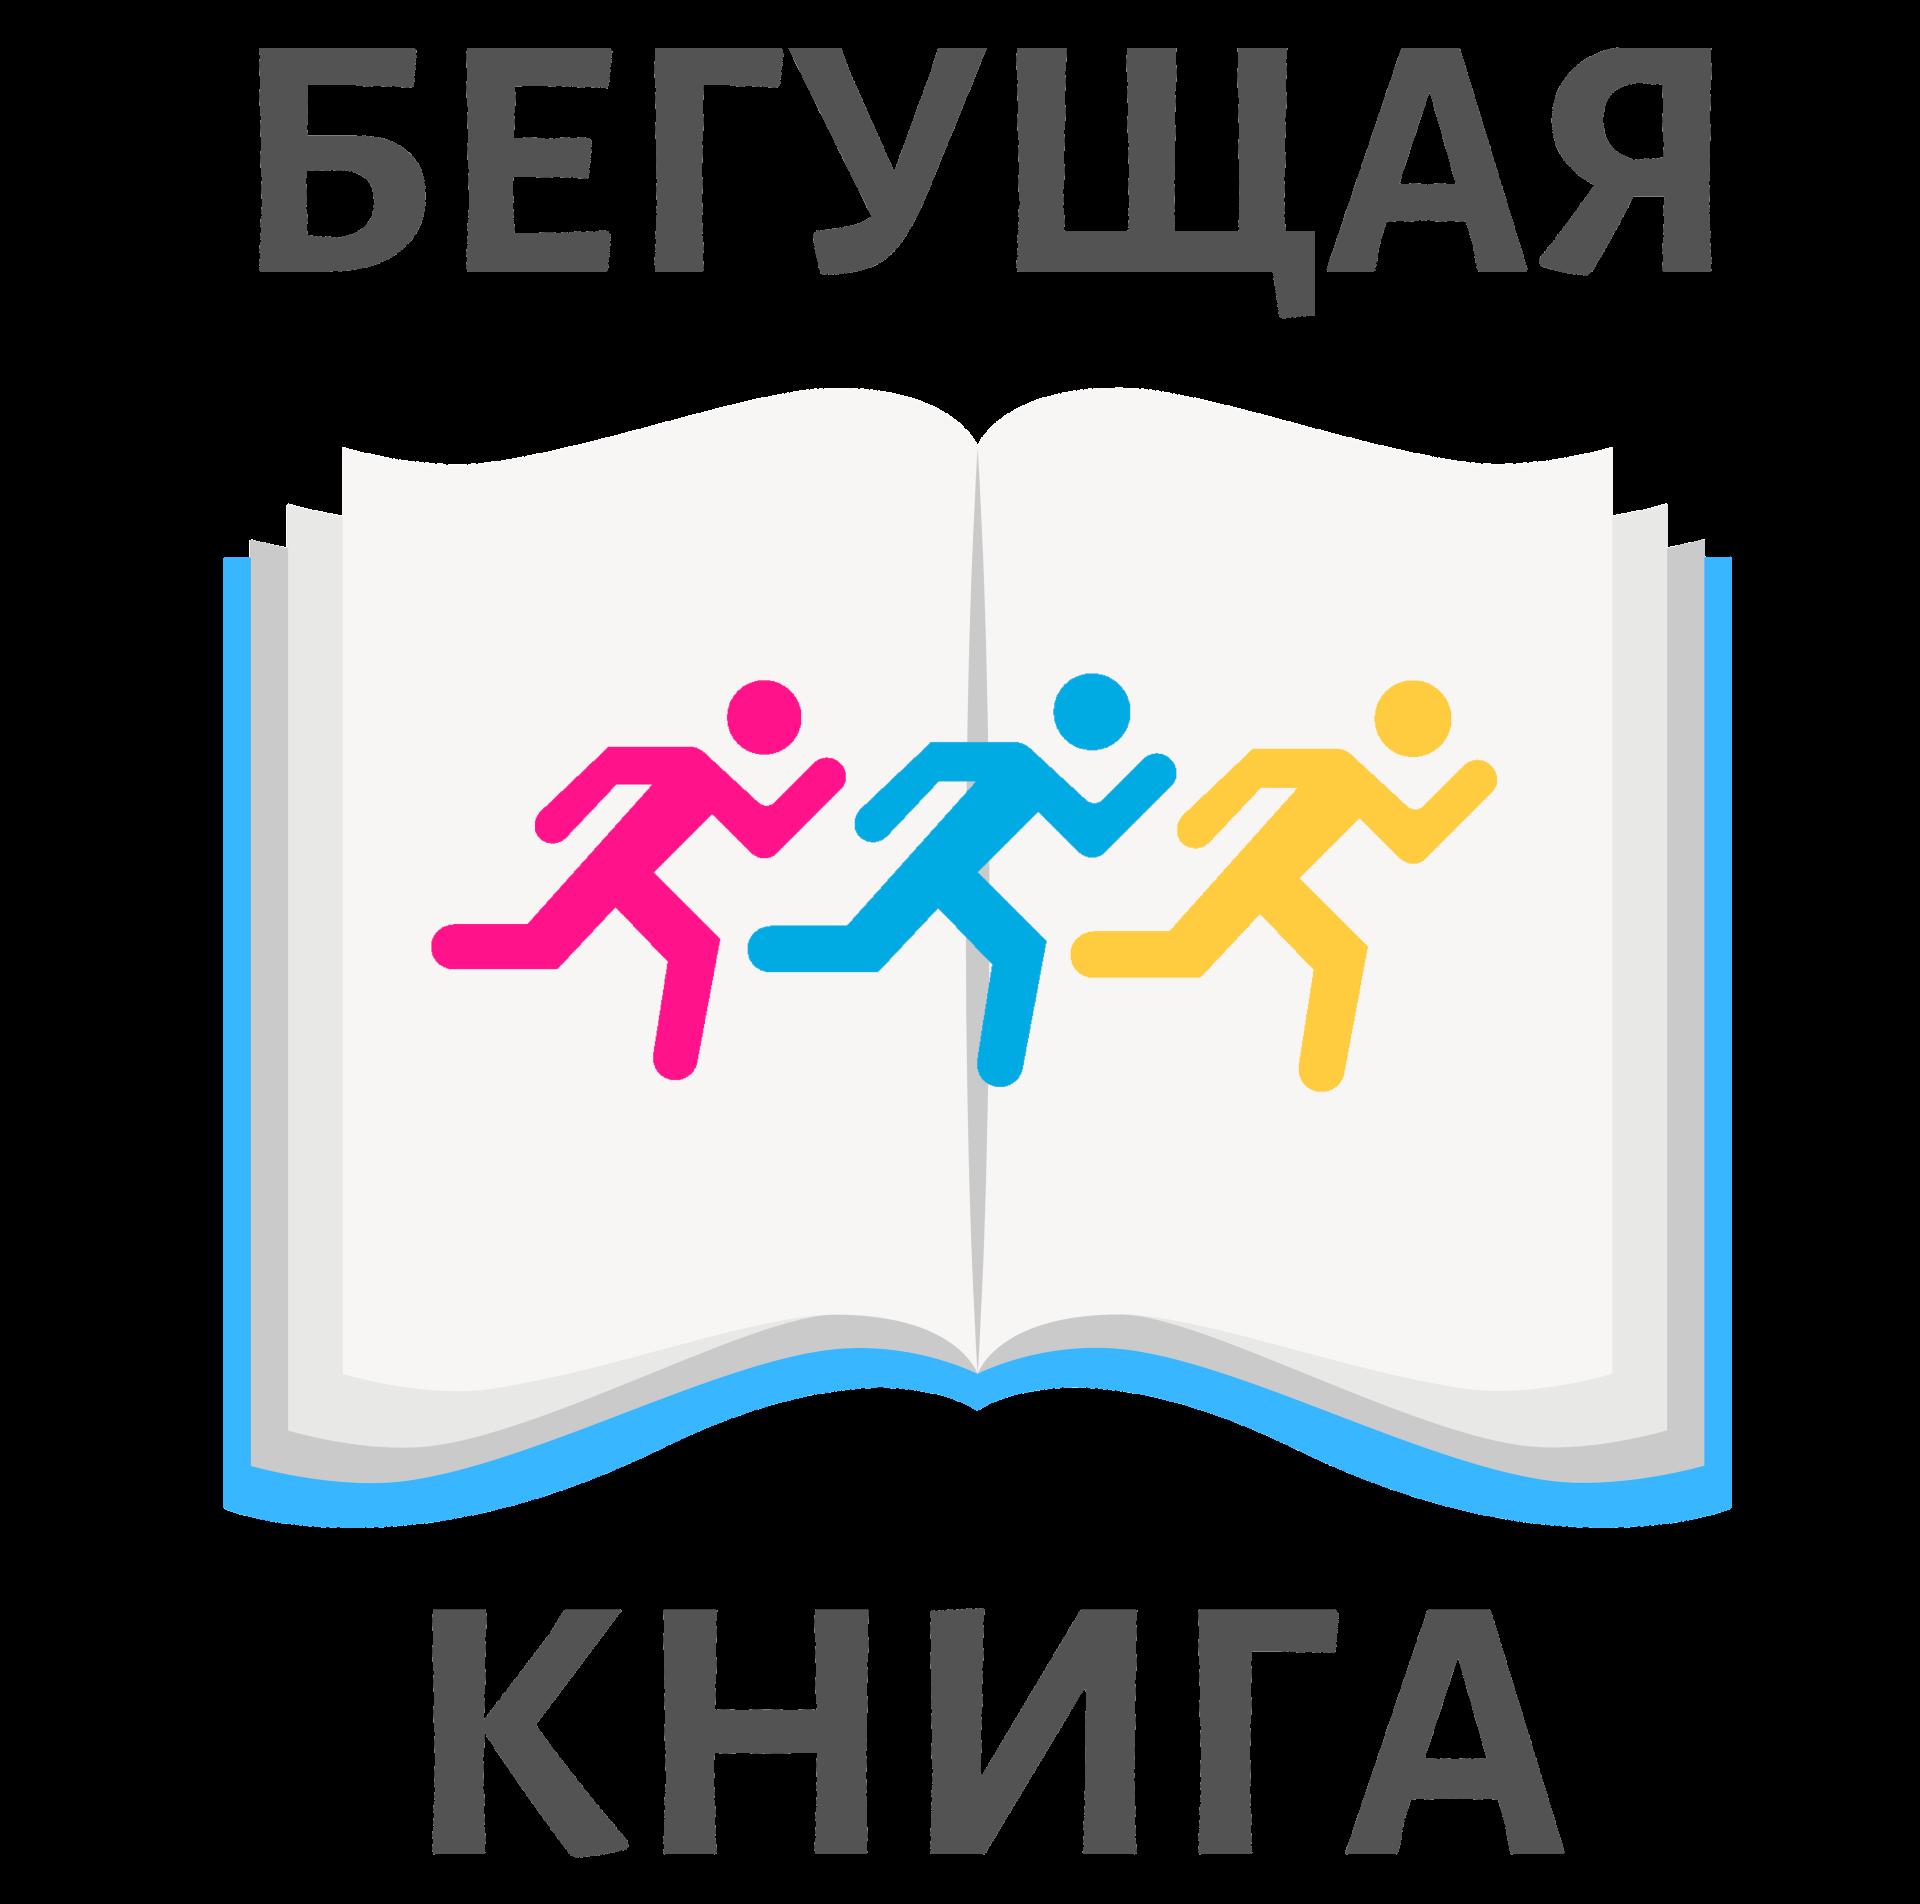 Новочеркасцы впервые примут участие во Всероссийском интеллектуальном забеге «Бегущая книга»